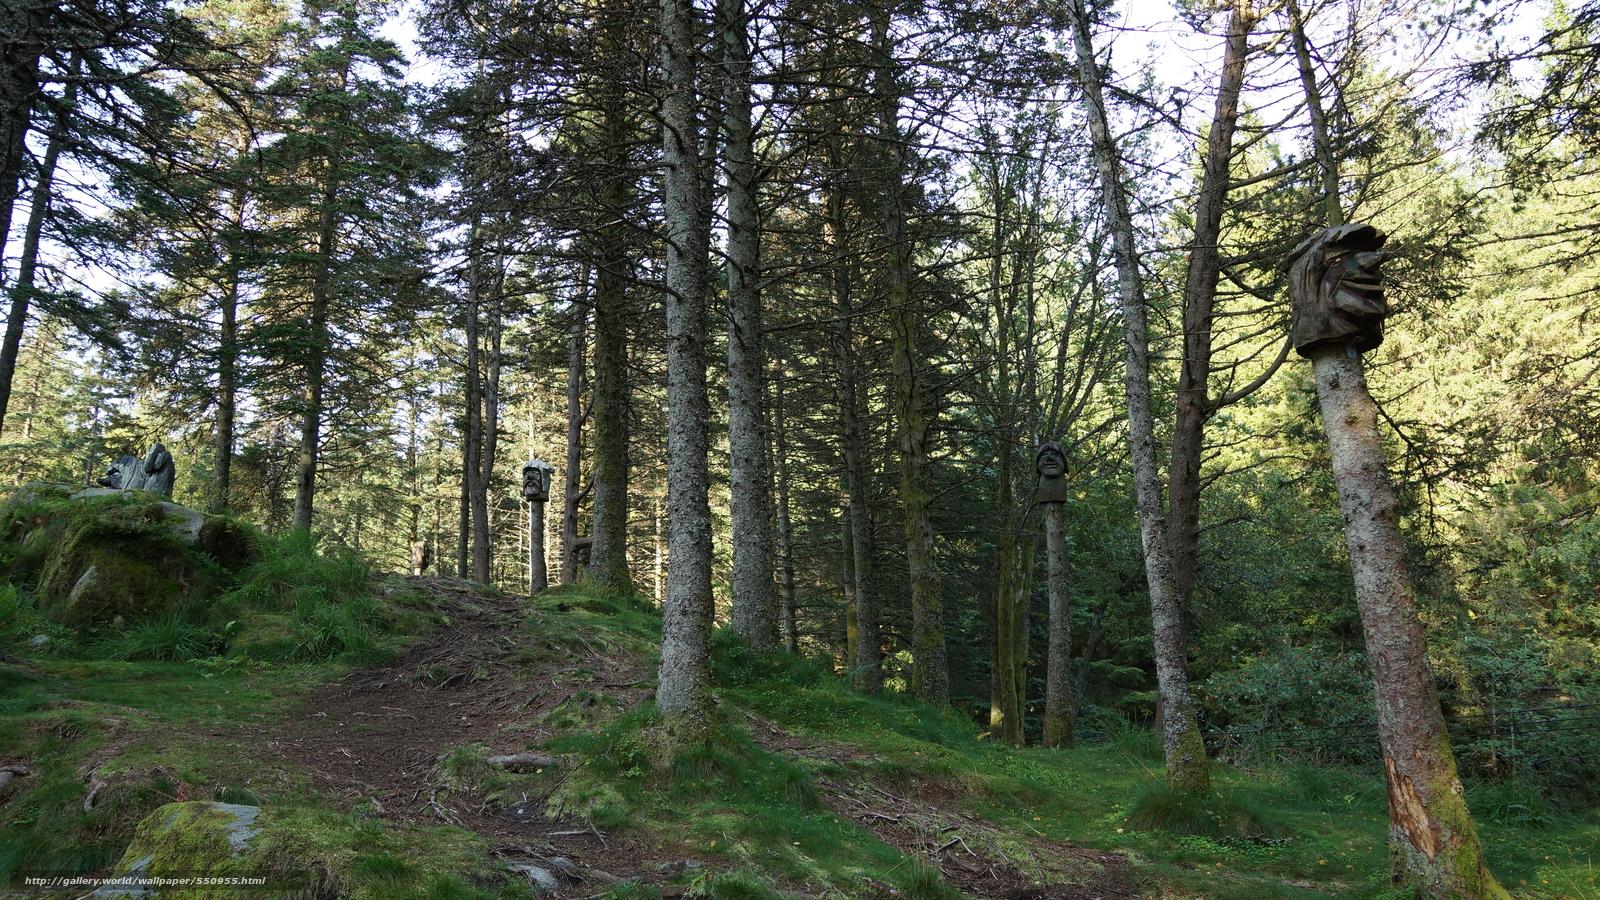 Tlcharger Fond d'ecran forêt,  arbres,  paysage Fonds d'ecran gratuits pour votre rsolution du bureau 6000x3376 — image №550955